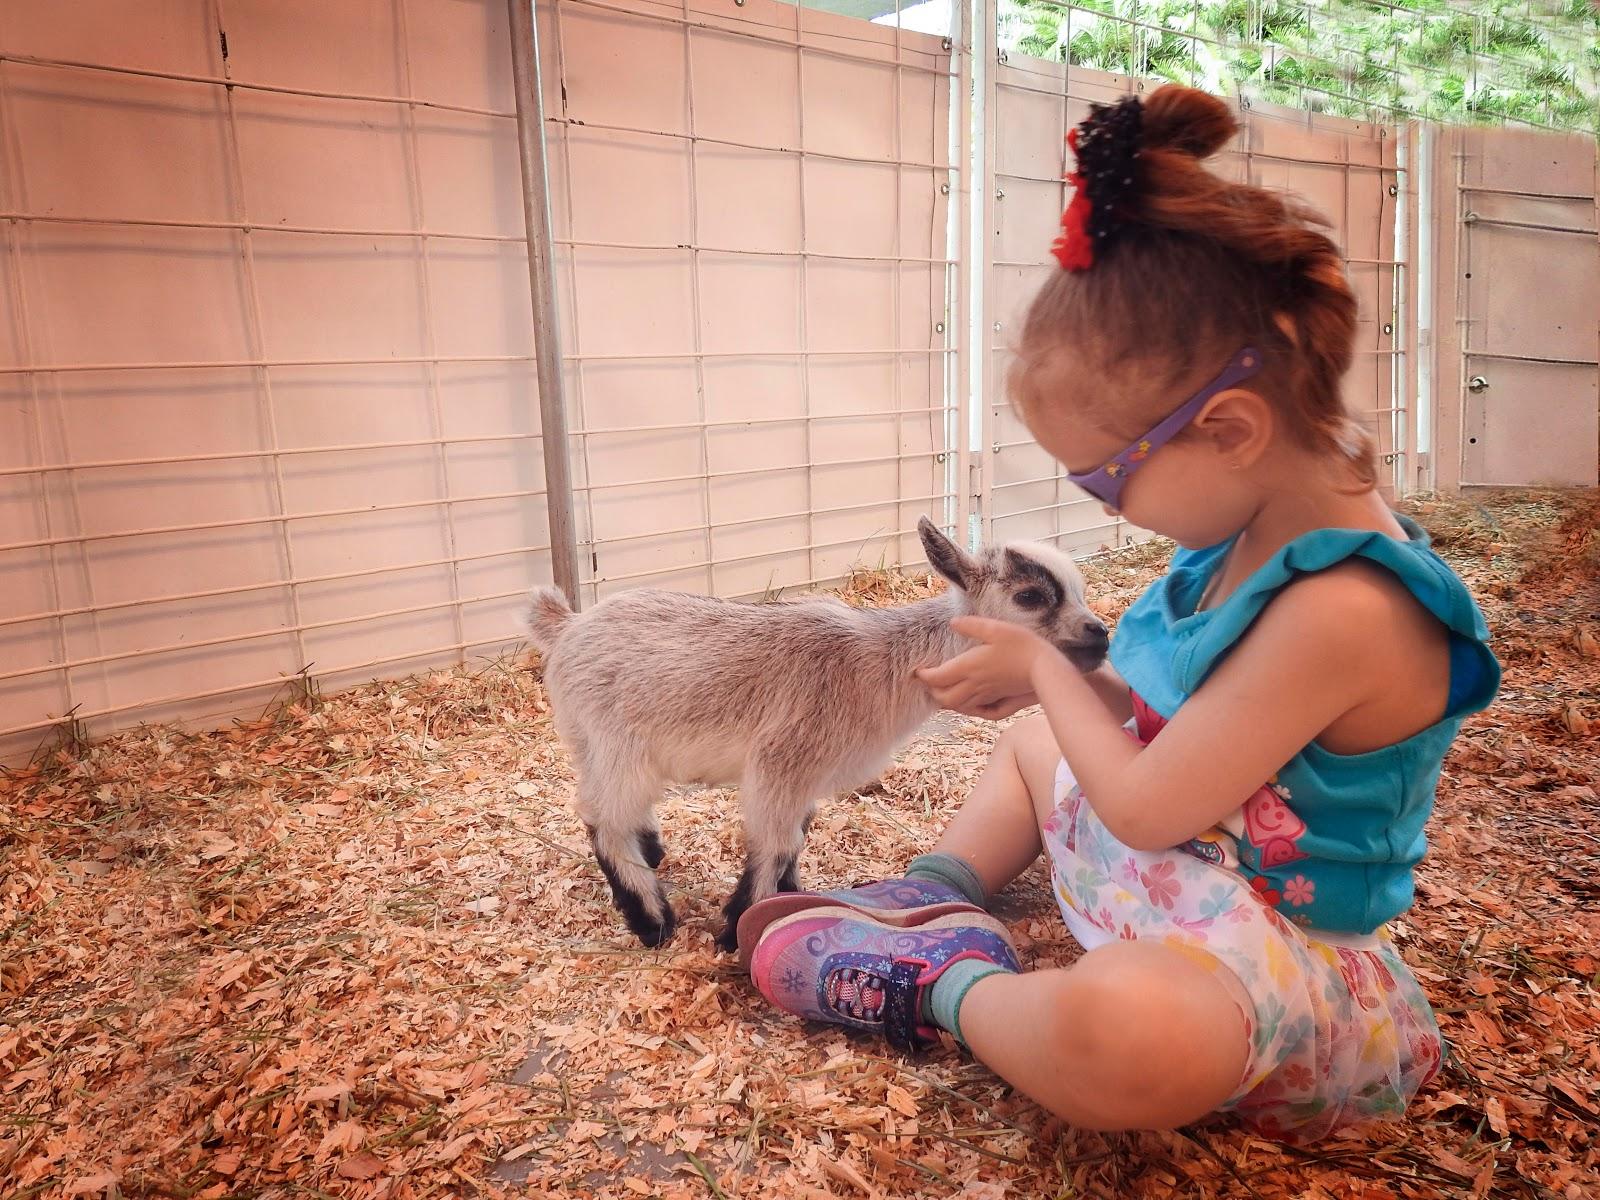 bond between animals and kids